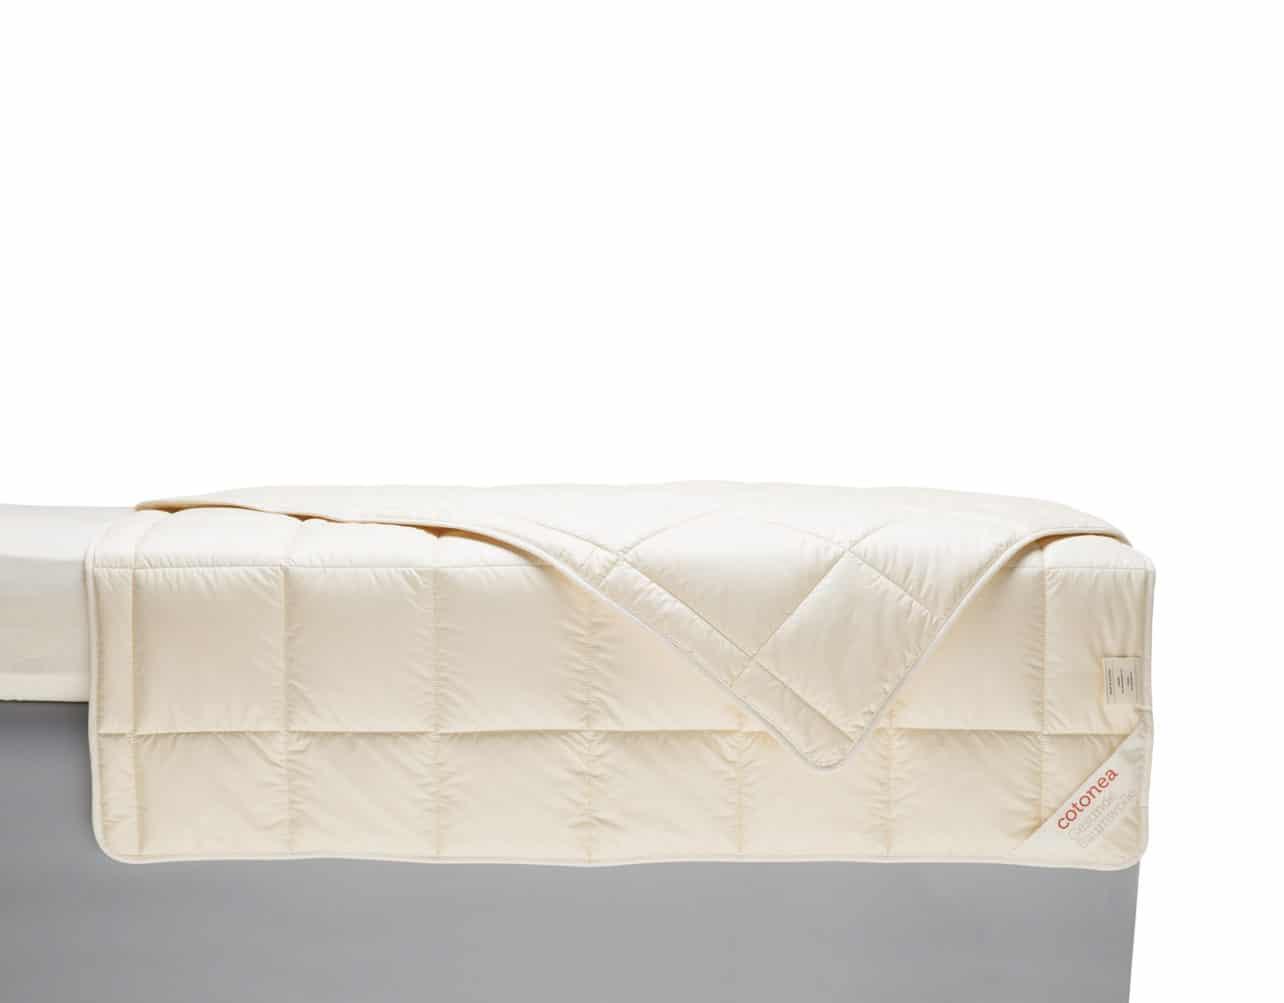 Bettdecke Bianca aus 100 % Biobaumwolle.